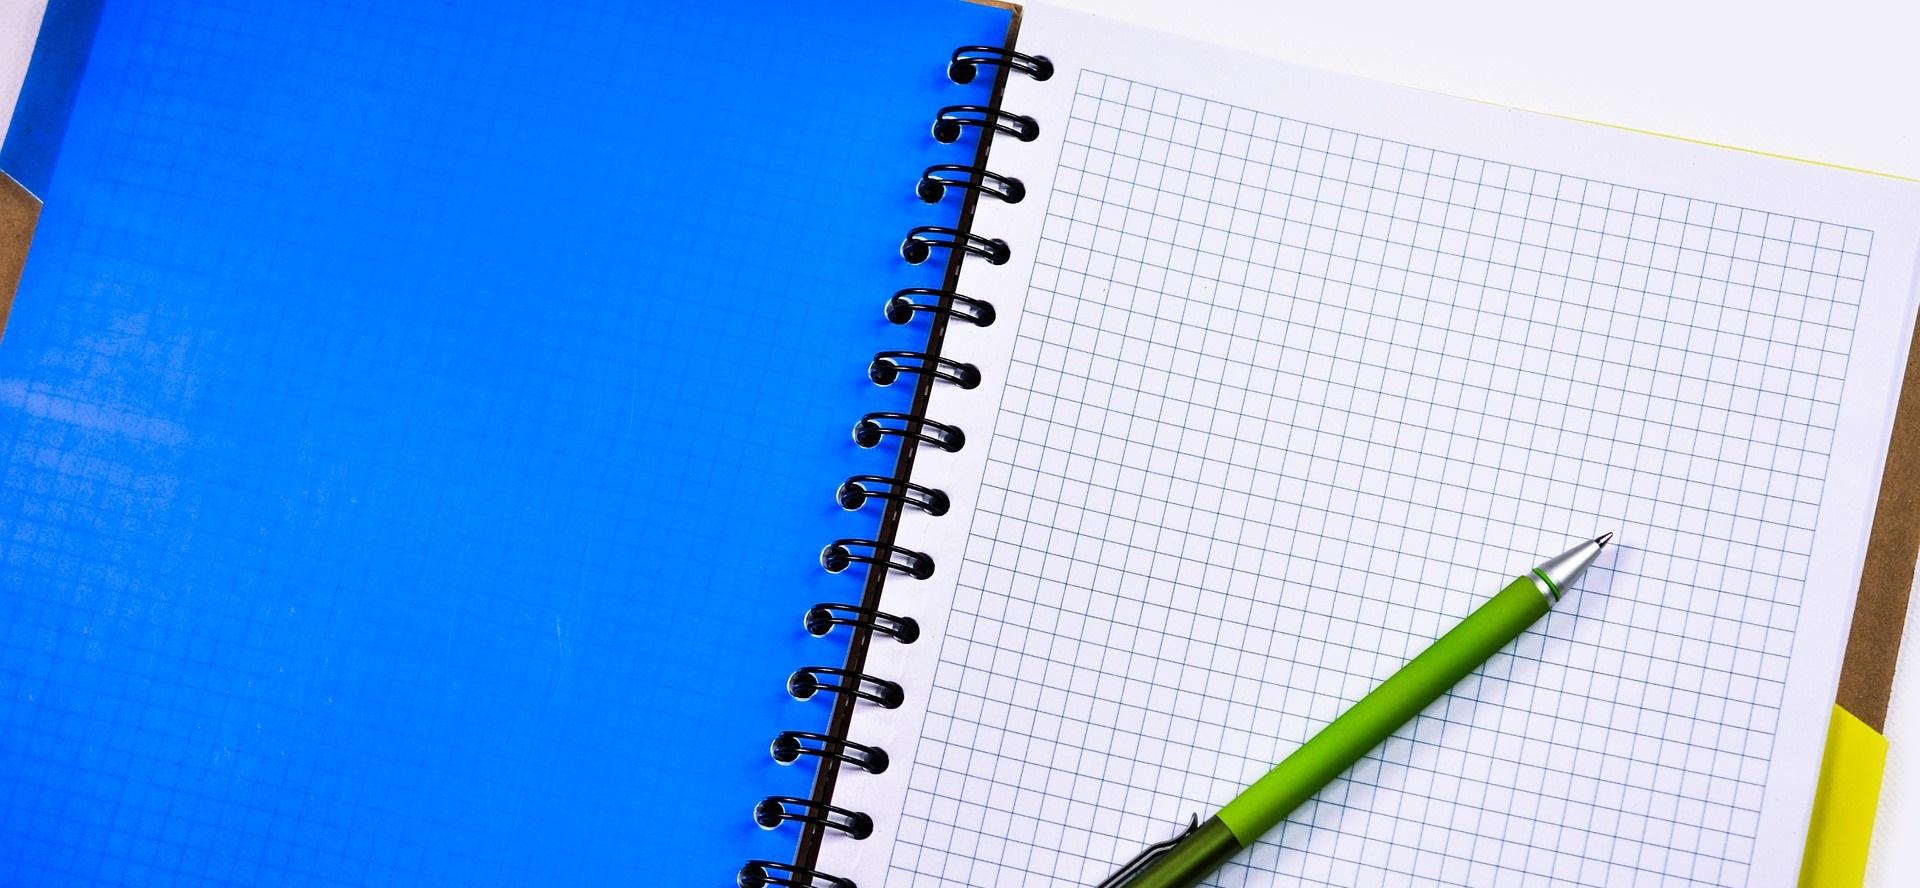 Blå anteckningsbok med grön penna.